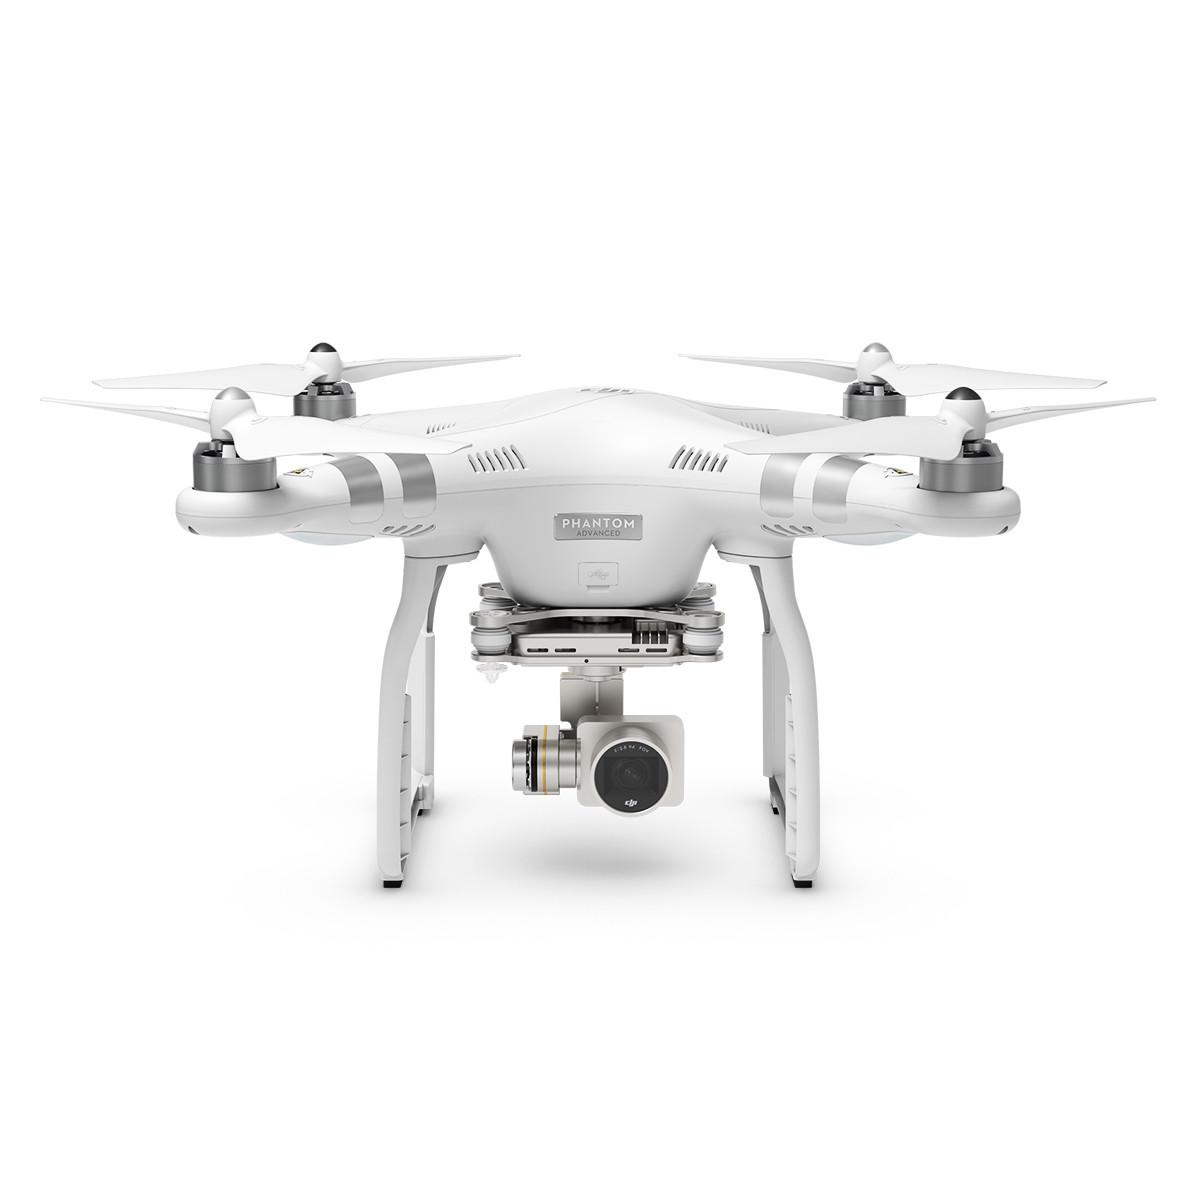 Устройства и запчасти для моделей с ДУ Dji  Phantom Professional Advanced 4K устройства и запчасти для моделей с ду hobbywing x rotor 10a